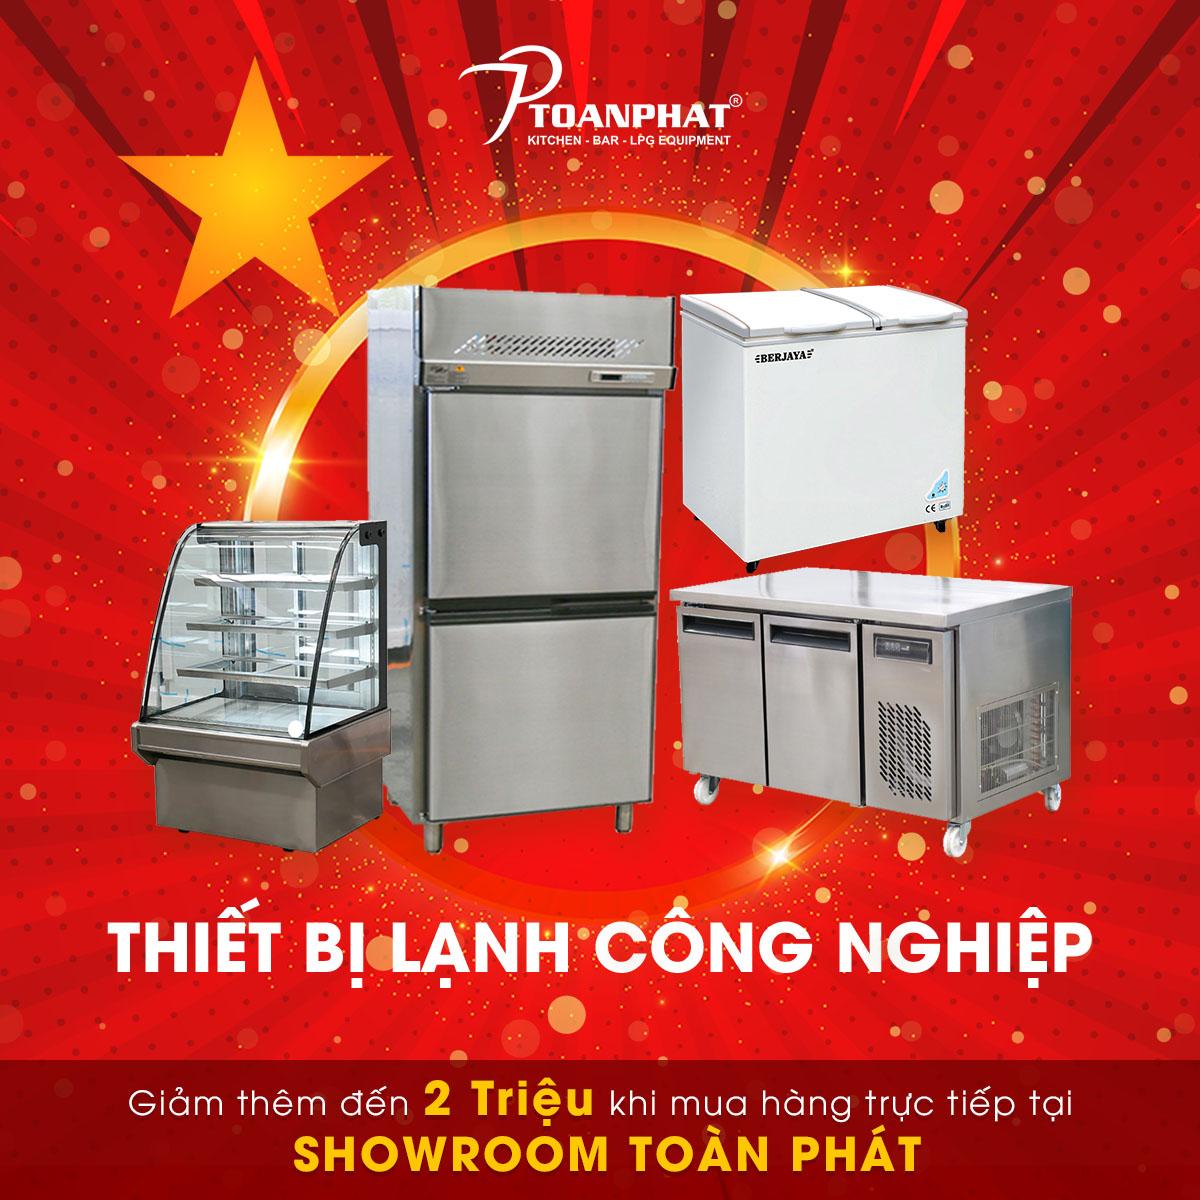 TU-LANH-CONG-NGHIEP